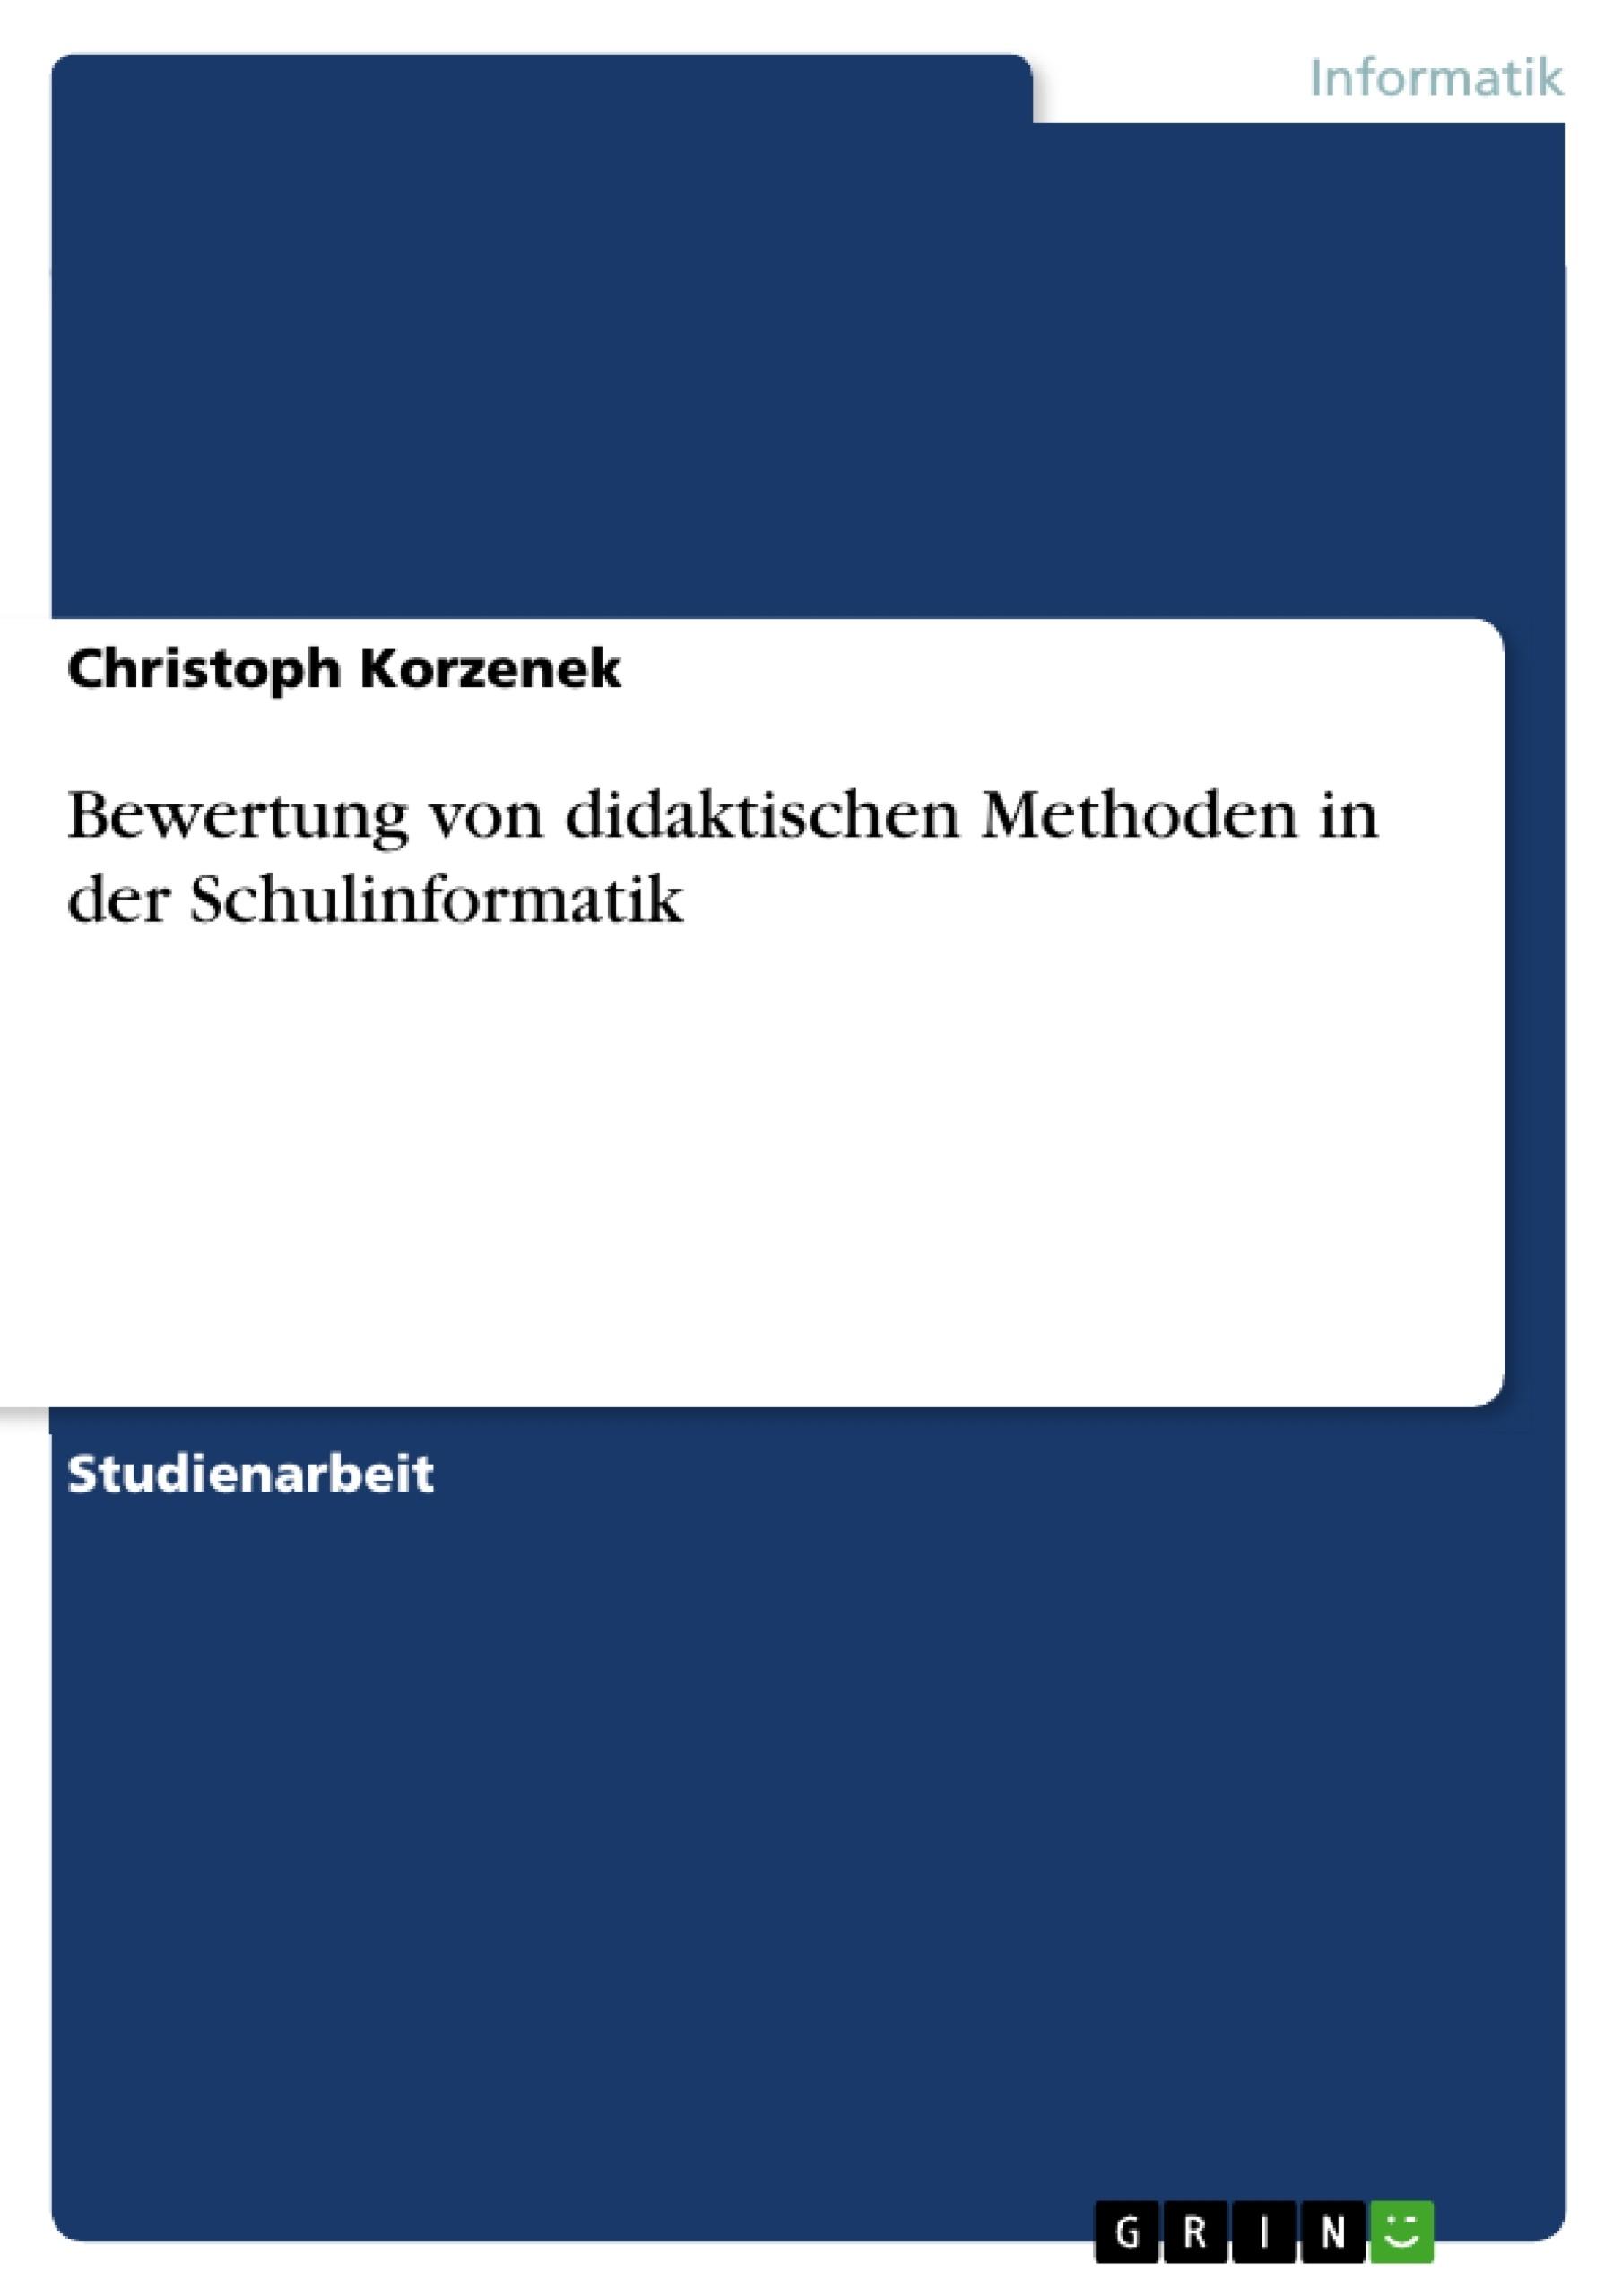 Titel: Bewertung von didaktischen Methoden in der Schulinformatik